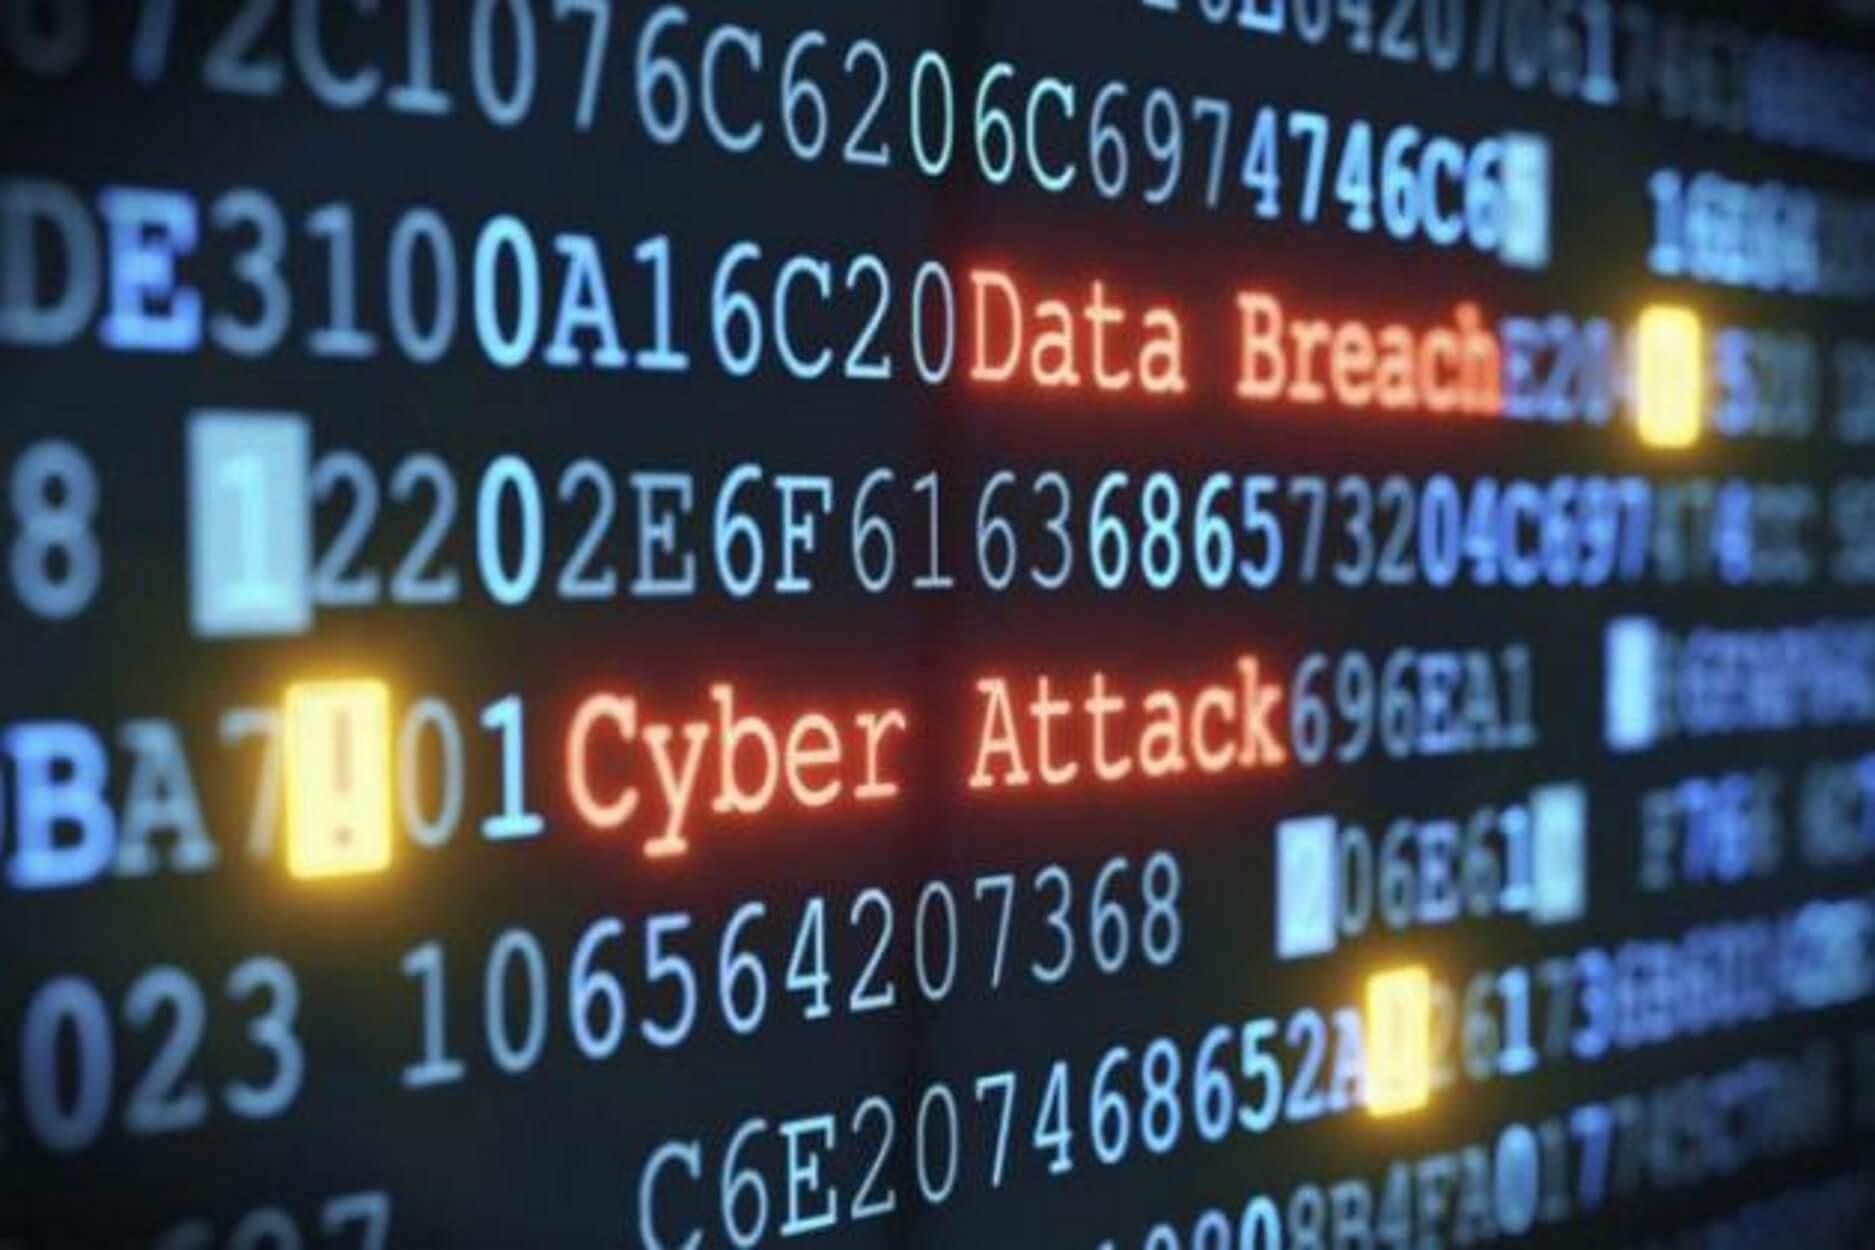 Κινέζοι χάκερς εξαπέλυσαν κυβερνοεπιθέσεις σε ιστότοπους βιντεοπαιχνιδιών